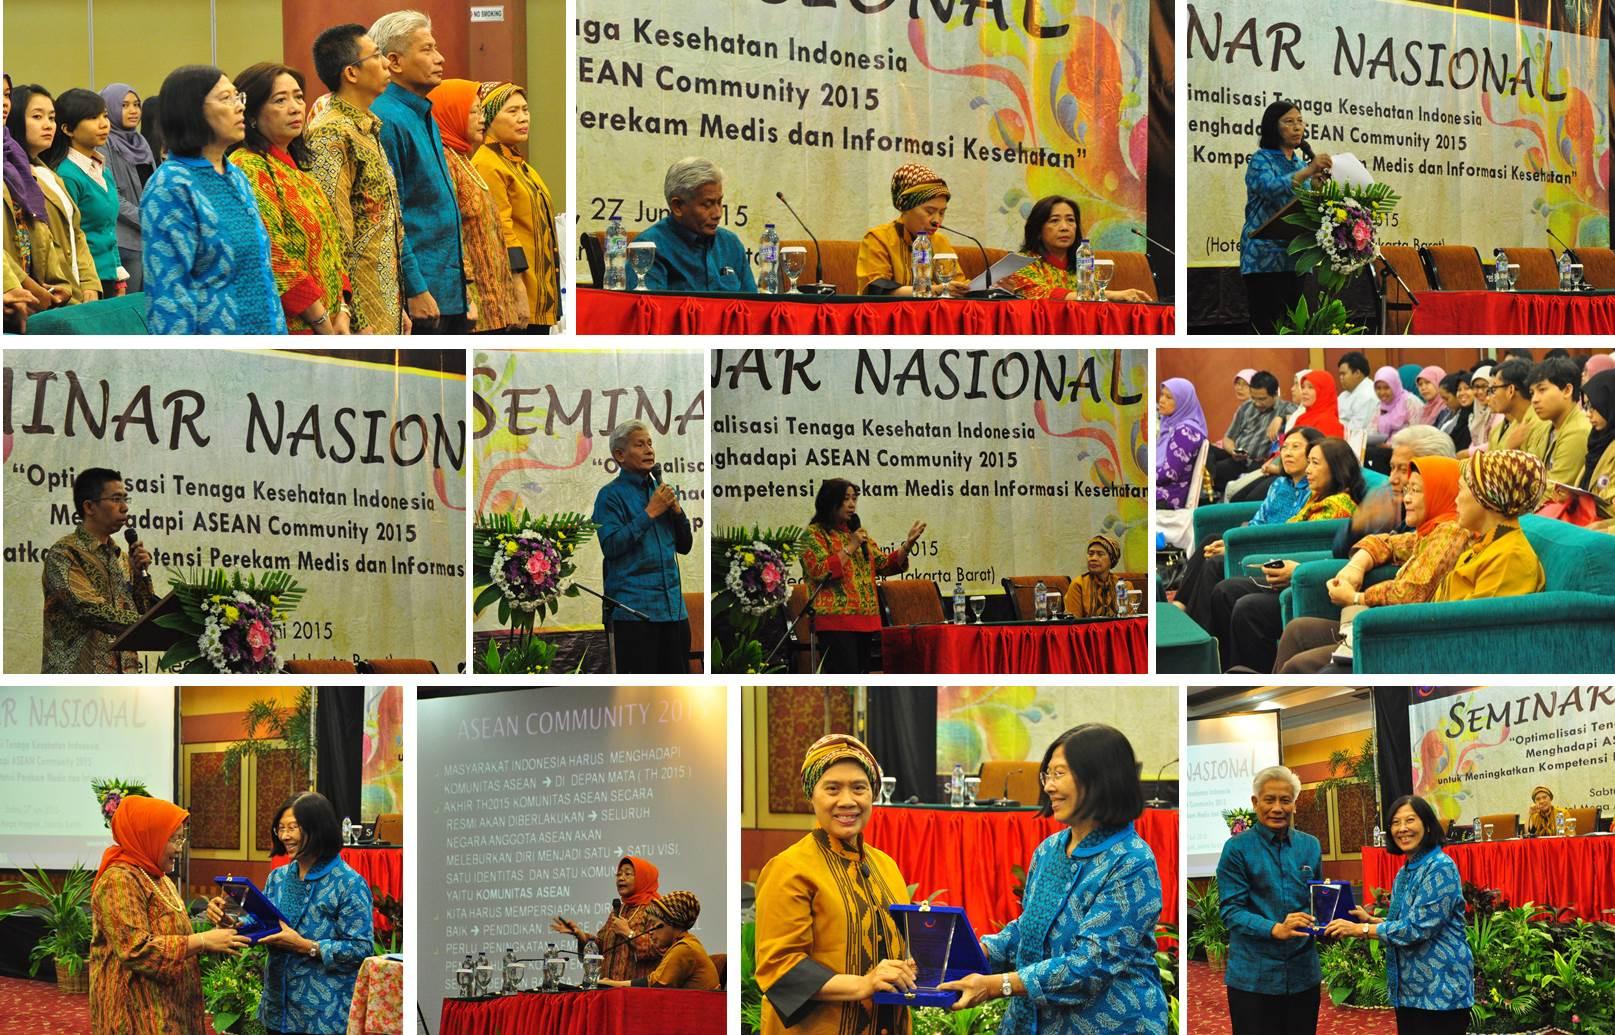 """Seminar Nasional dan Call Paper Program Studi Rekam Medis dan Informasi Kesehatan """"Optimalisasi Tenaga Kesehatan Indonesia Menghadapi ASEAN Community 2015"""""""